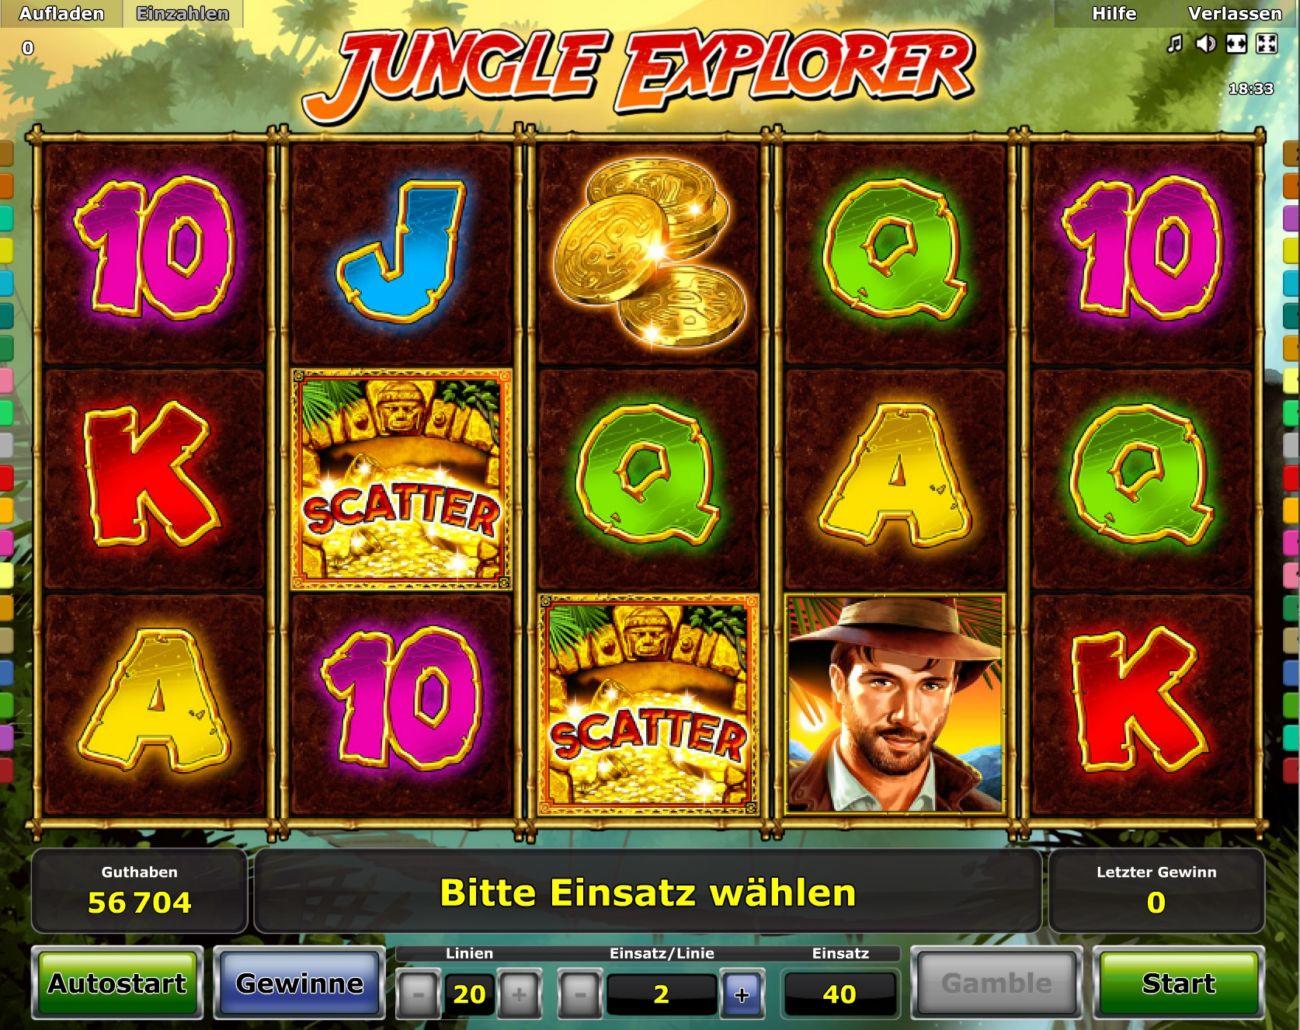 beste online casino forum kostenlos hearts spielen